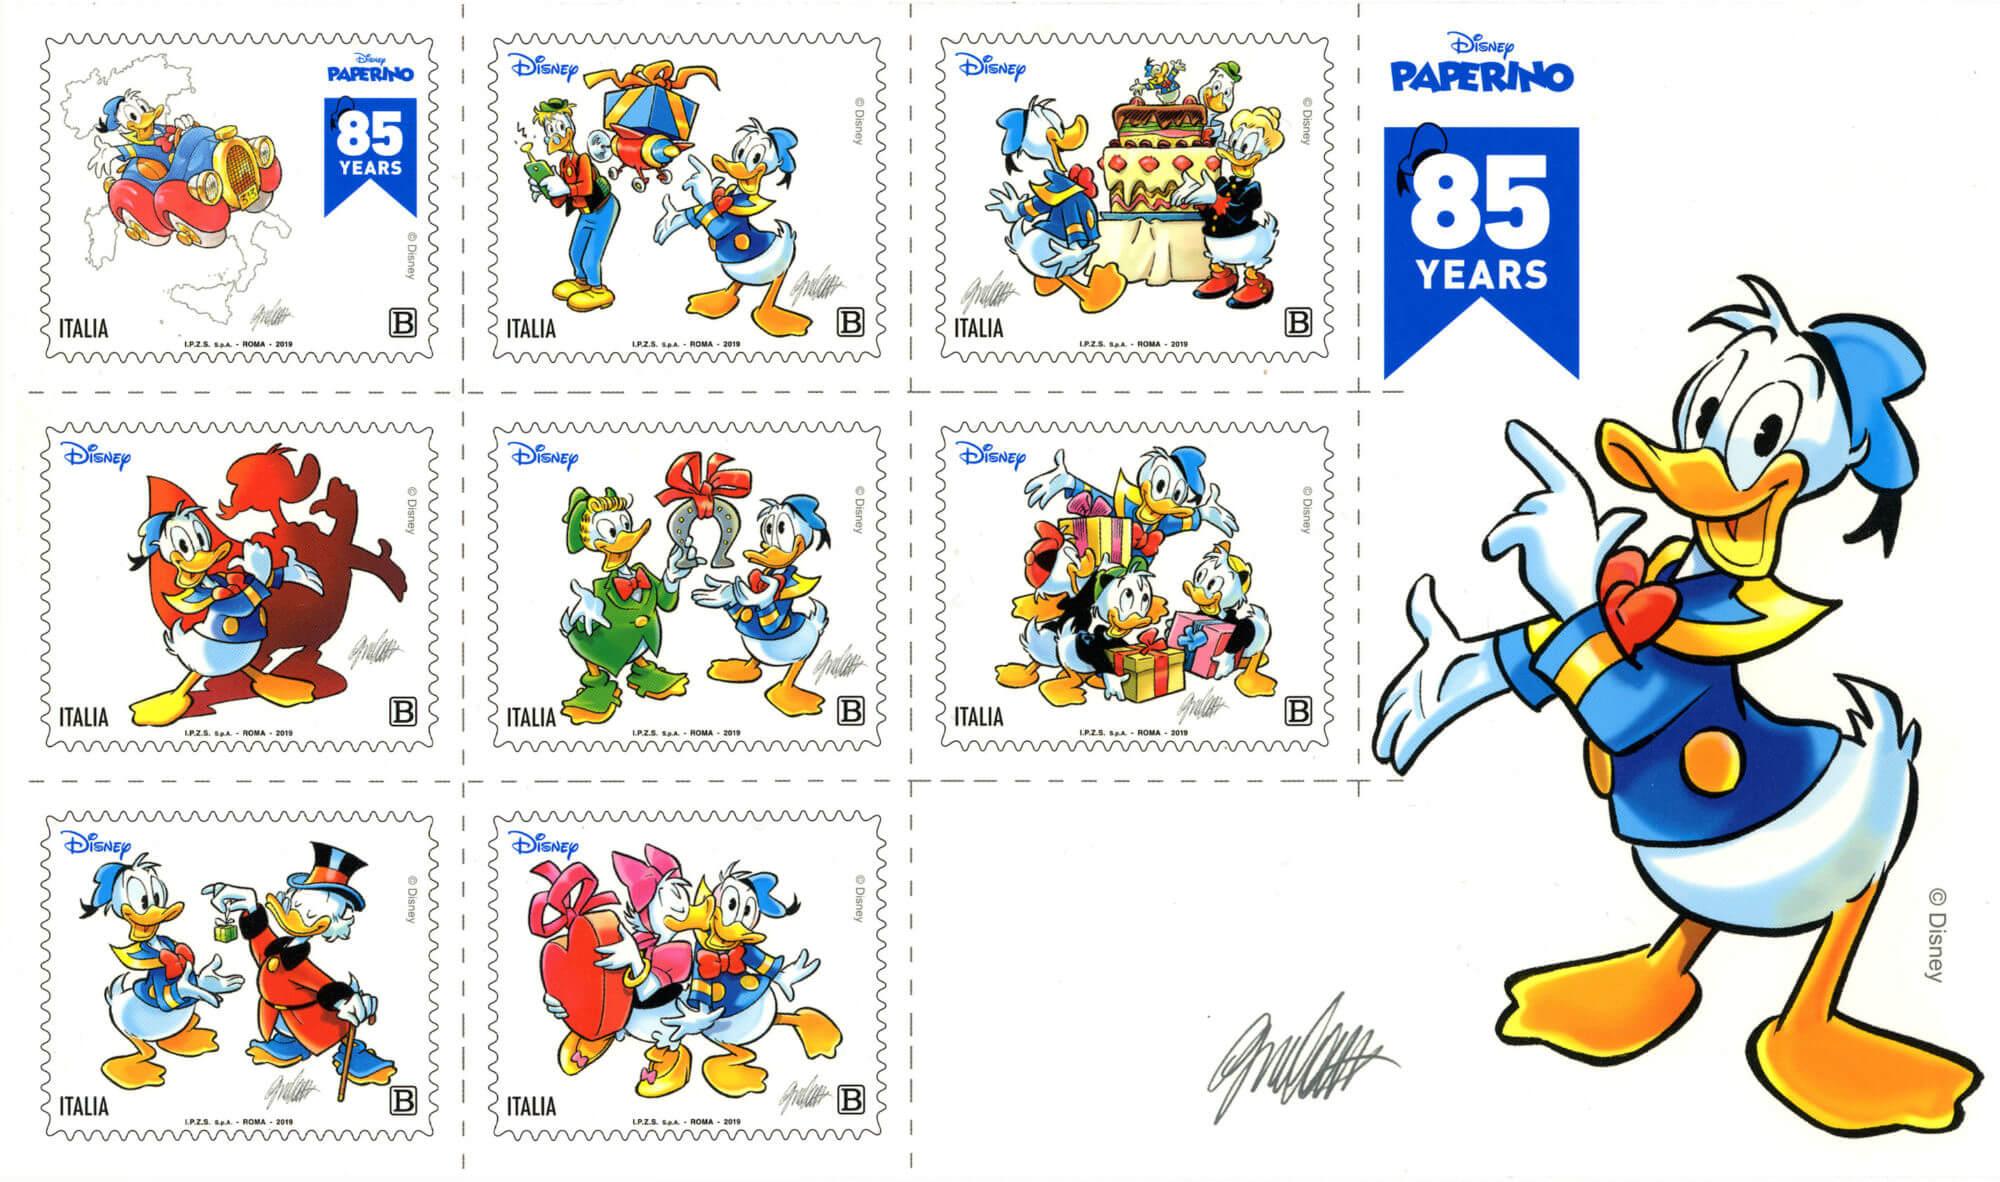 A Lucca Comics il francobollo dedicato a Paperino